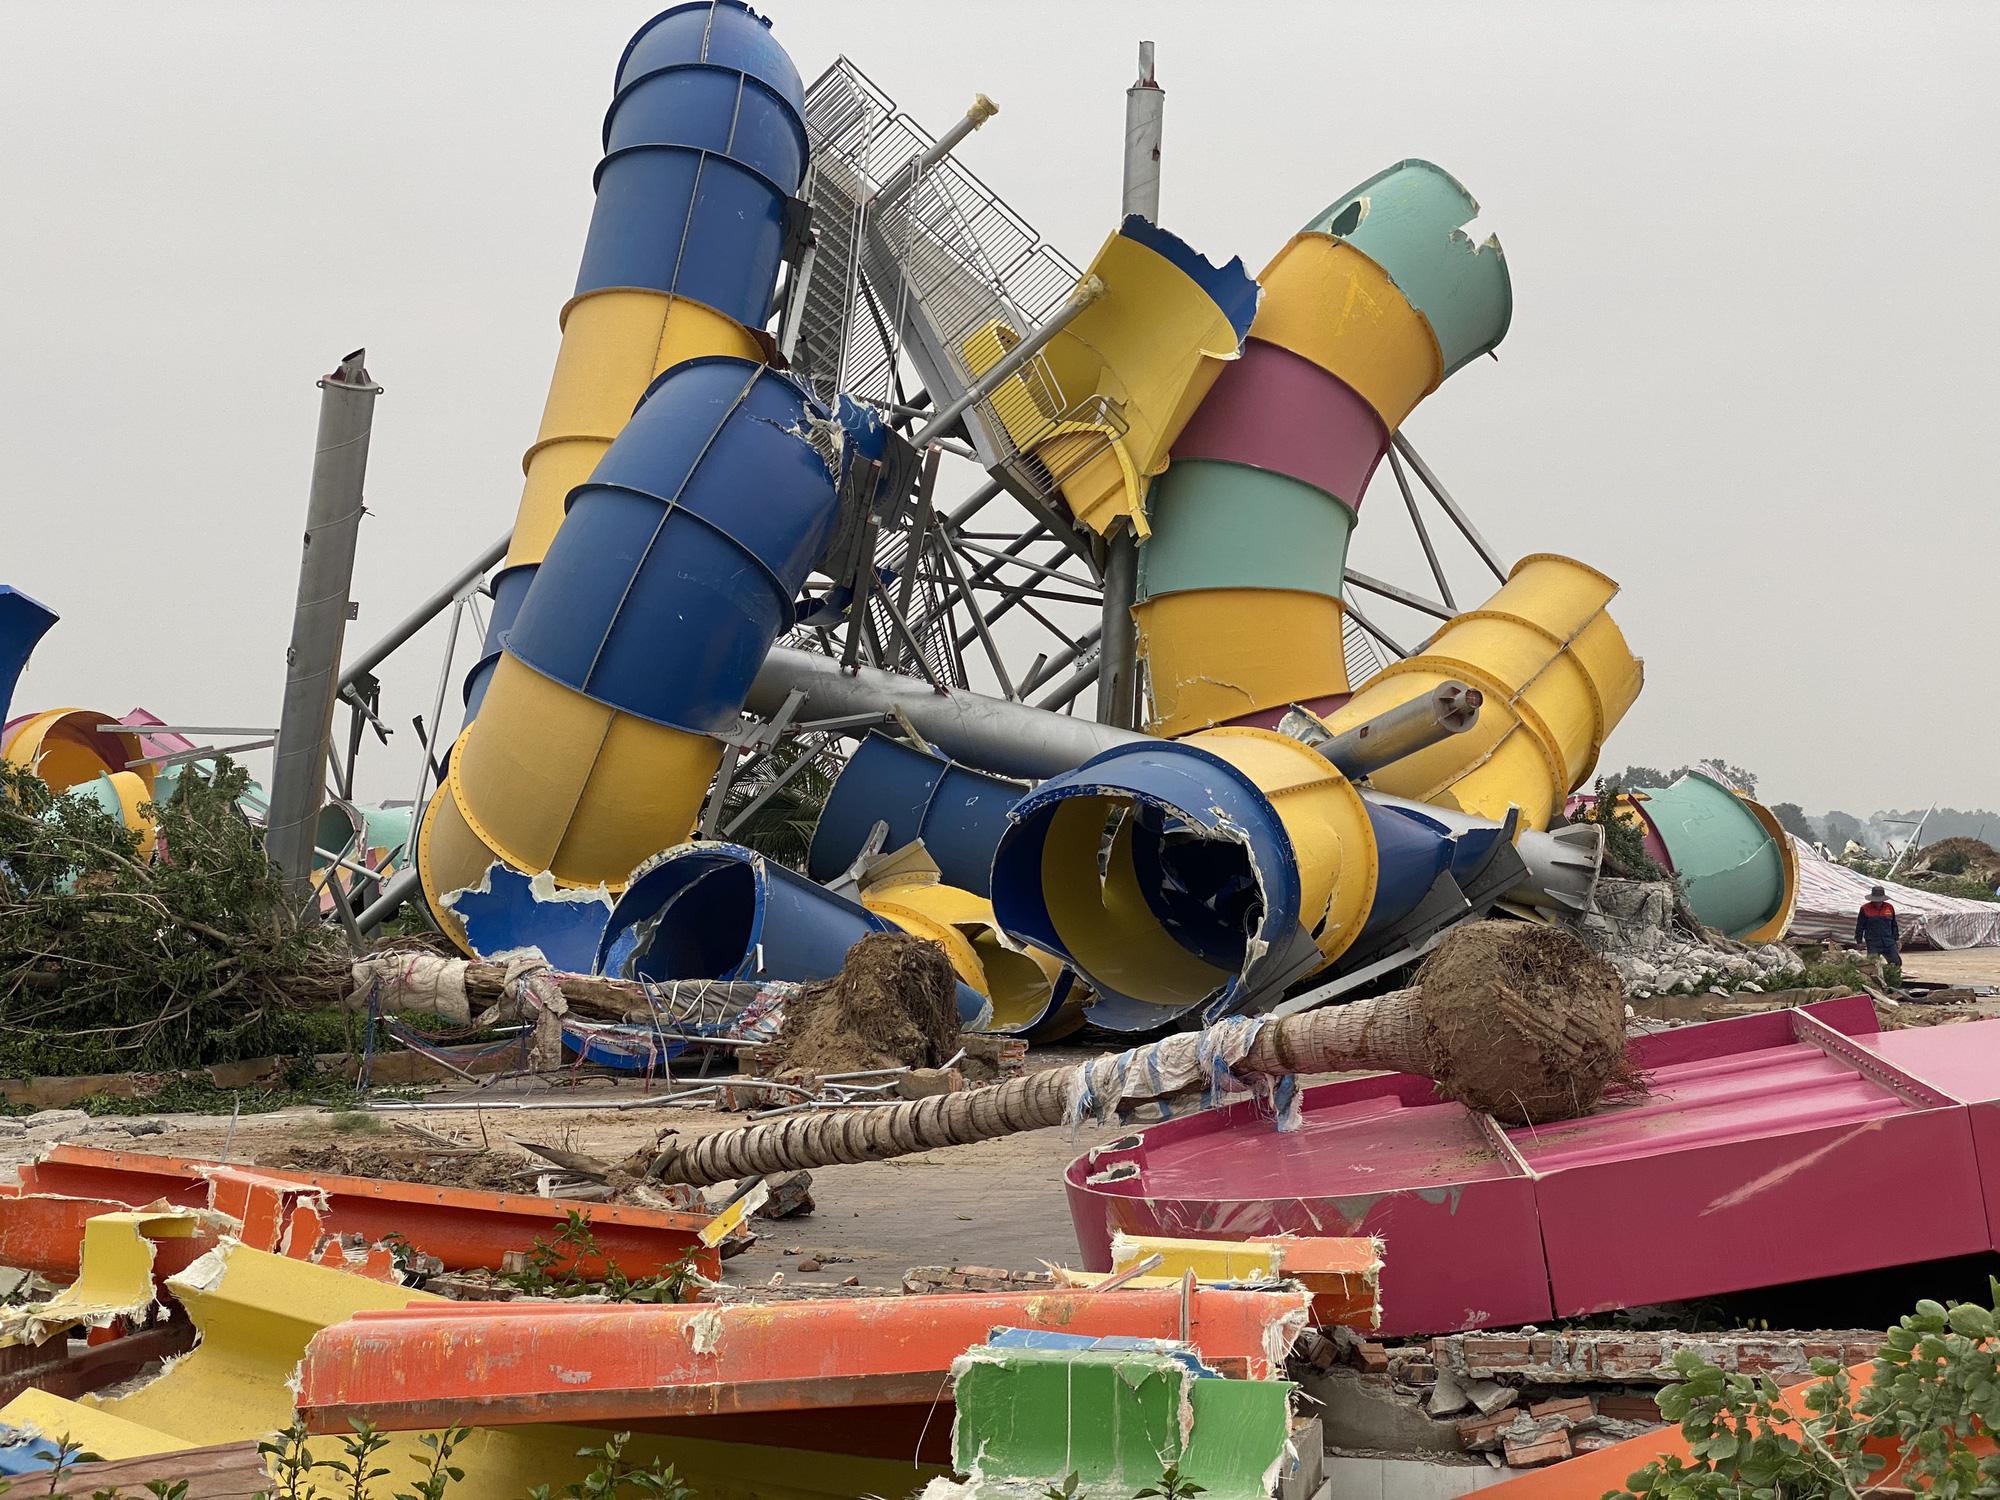 Hà Nội: Công viên hàng trăm tỷ đồng 'chớp mắt' biến thành đống đổ nát - Ảnh 3.